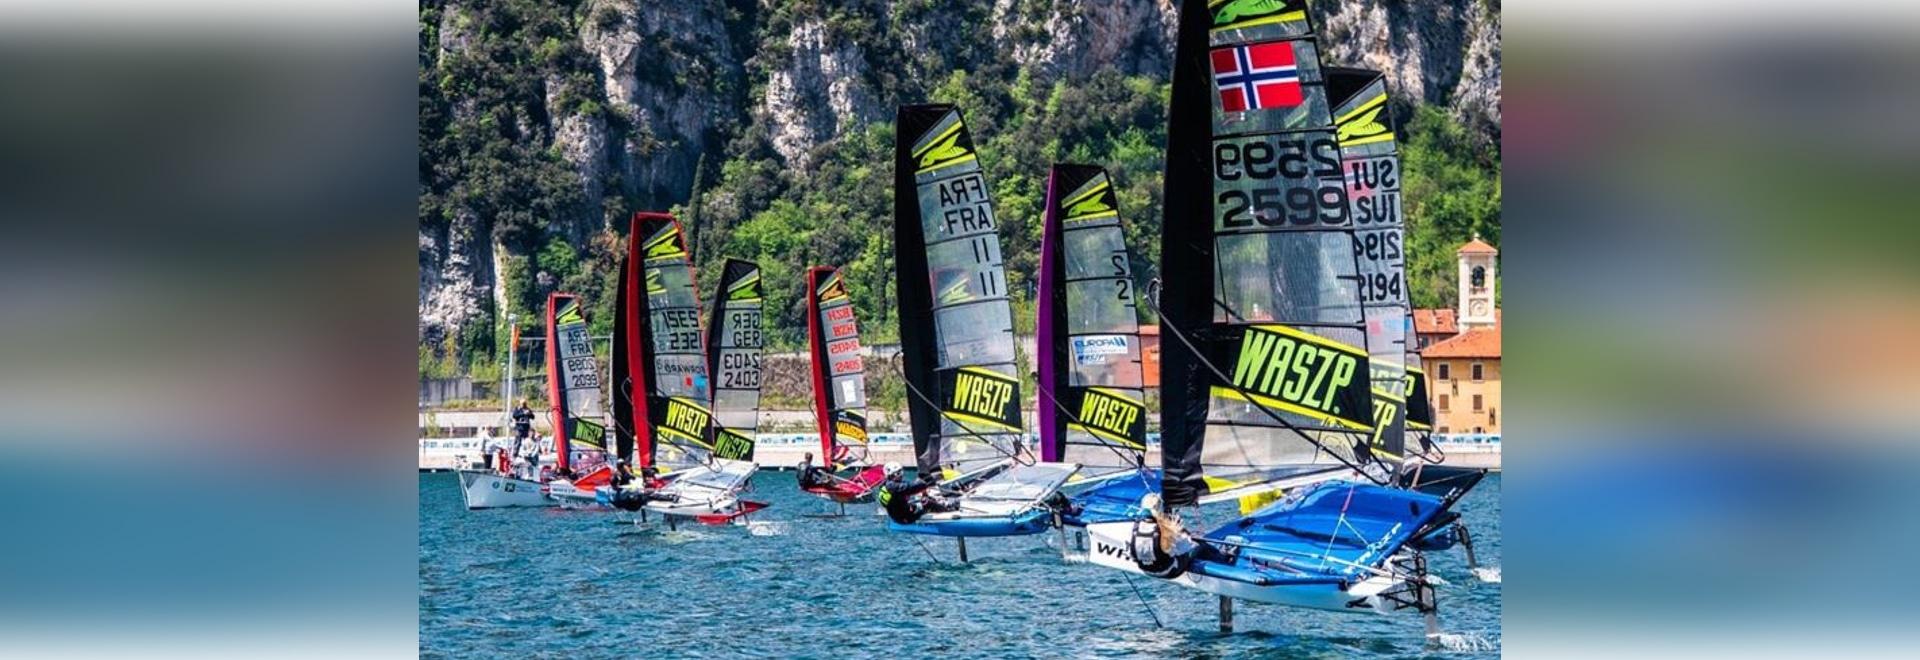 El Campeonato de Europa de la WASZP se dirige a una flota récord